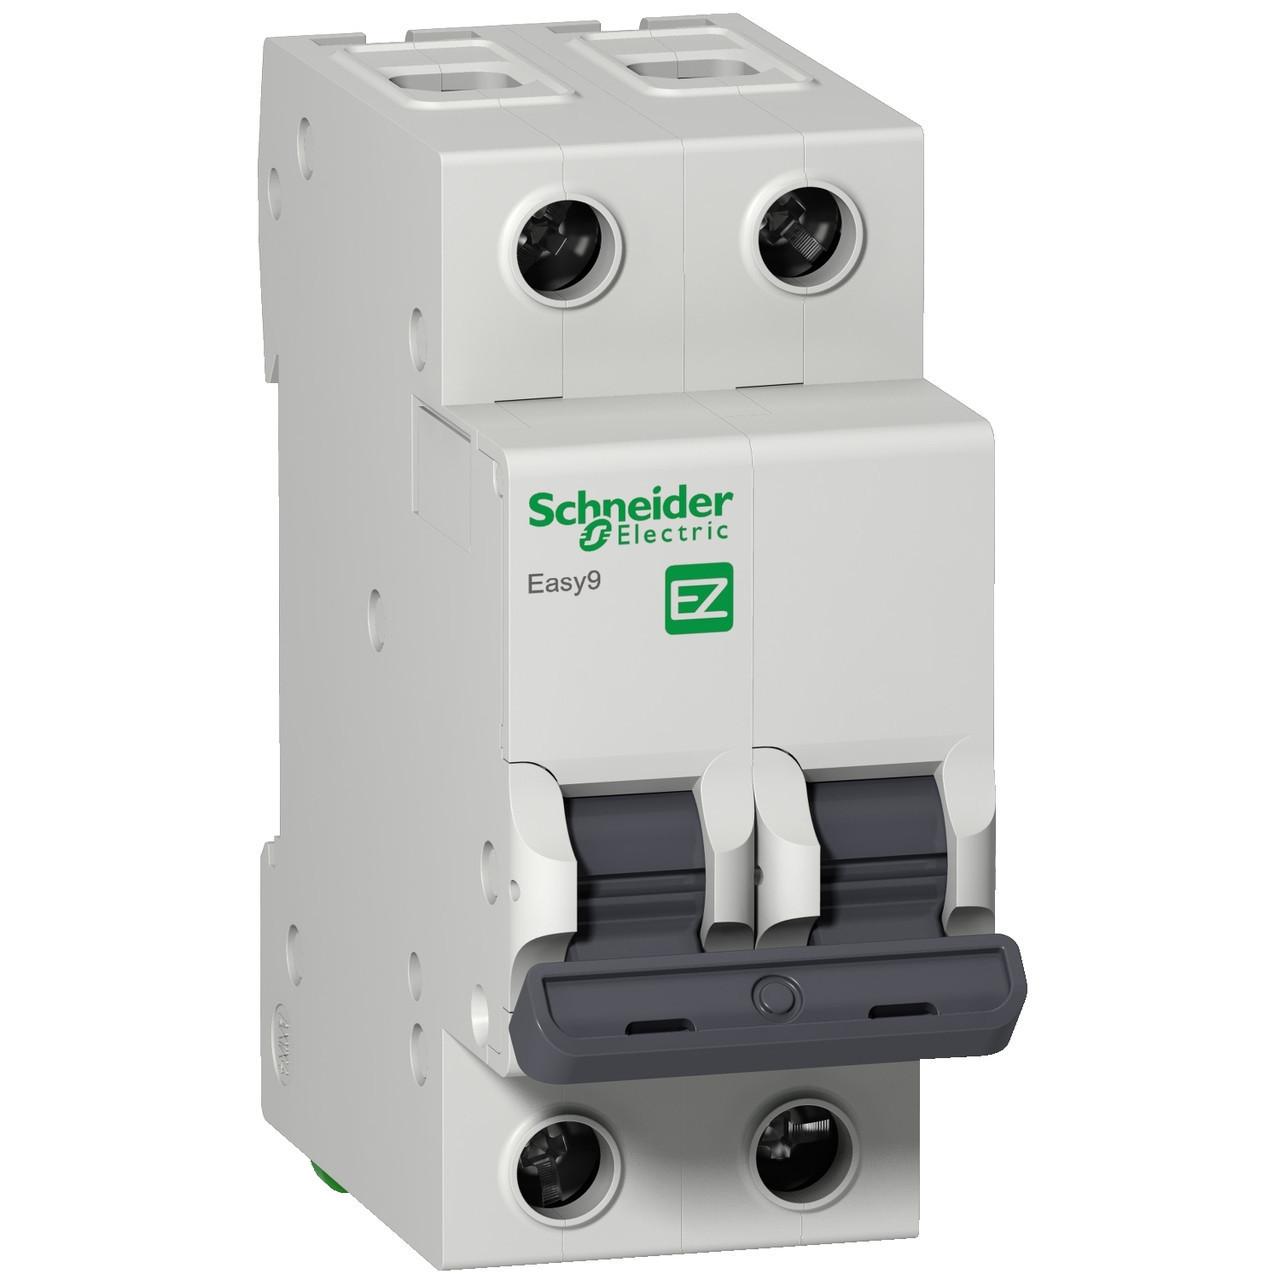 Автоматический выключатель EZ9F14216 Easy9 Schneider 2P, 16A, тип «B»